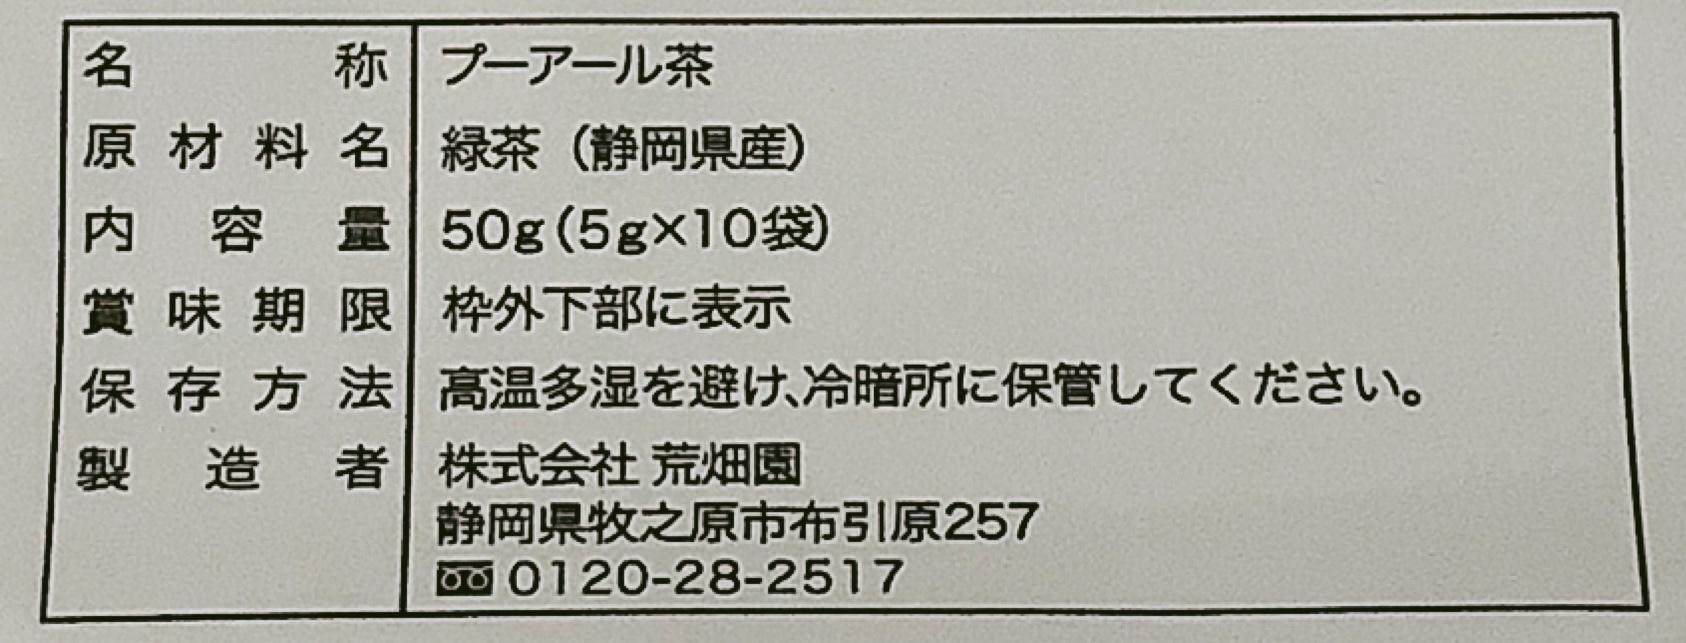 20181202183202f7a.jpeg